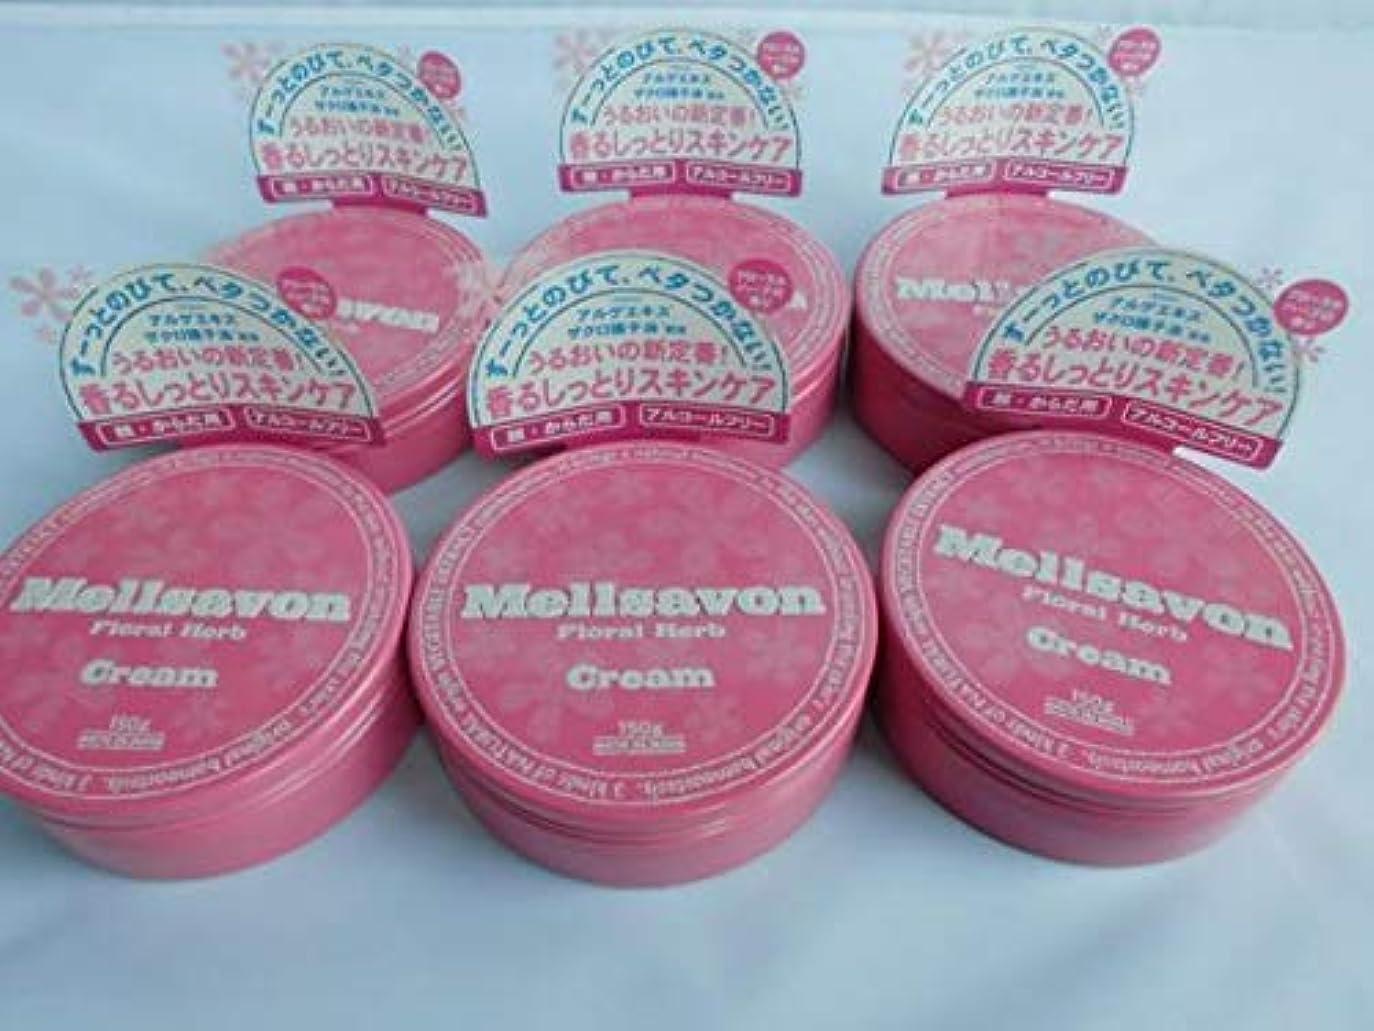 引退した例両方【6個セット】メルサボン スキンケアクリーム(ボディ用) フローラルハーブ 大缶150g 定価918円